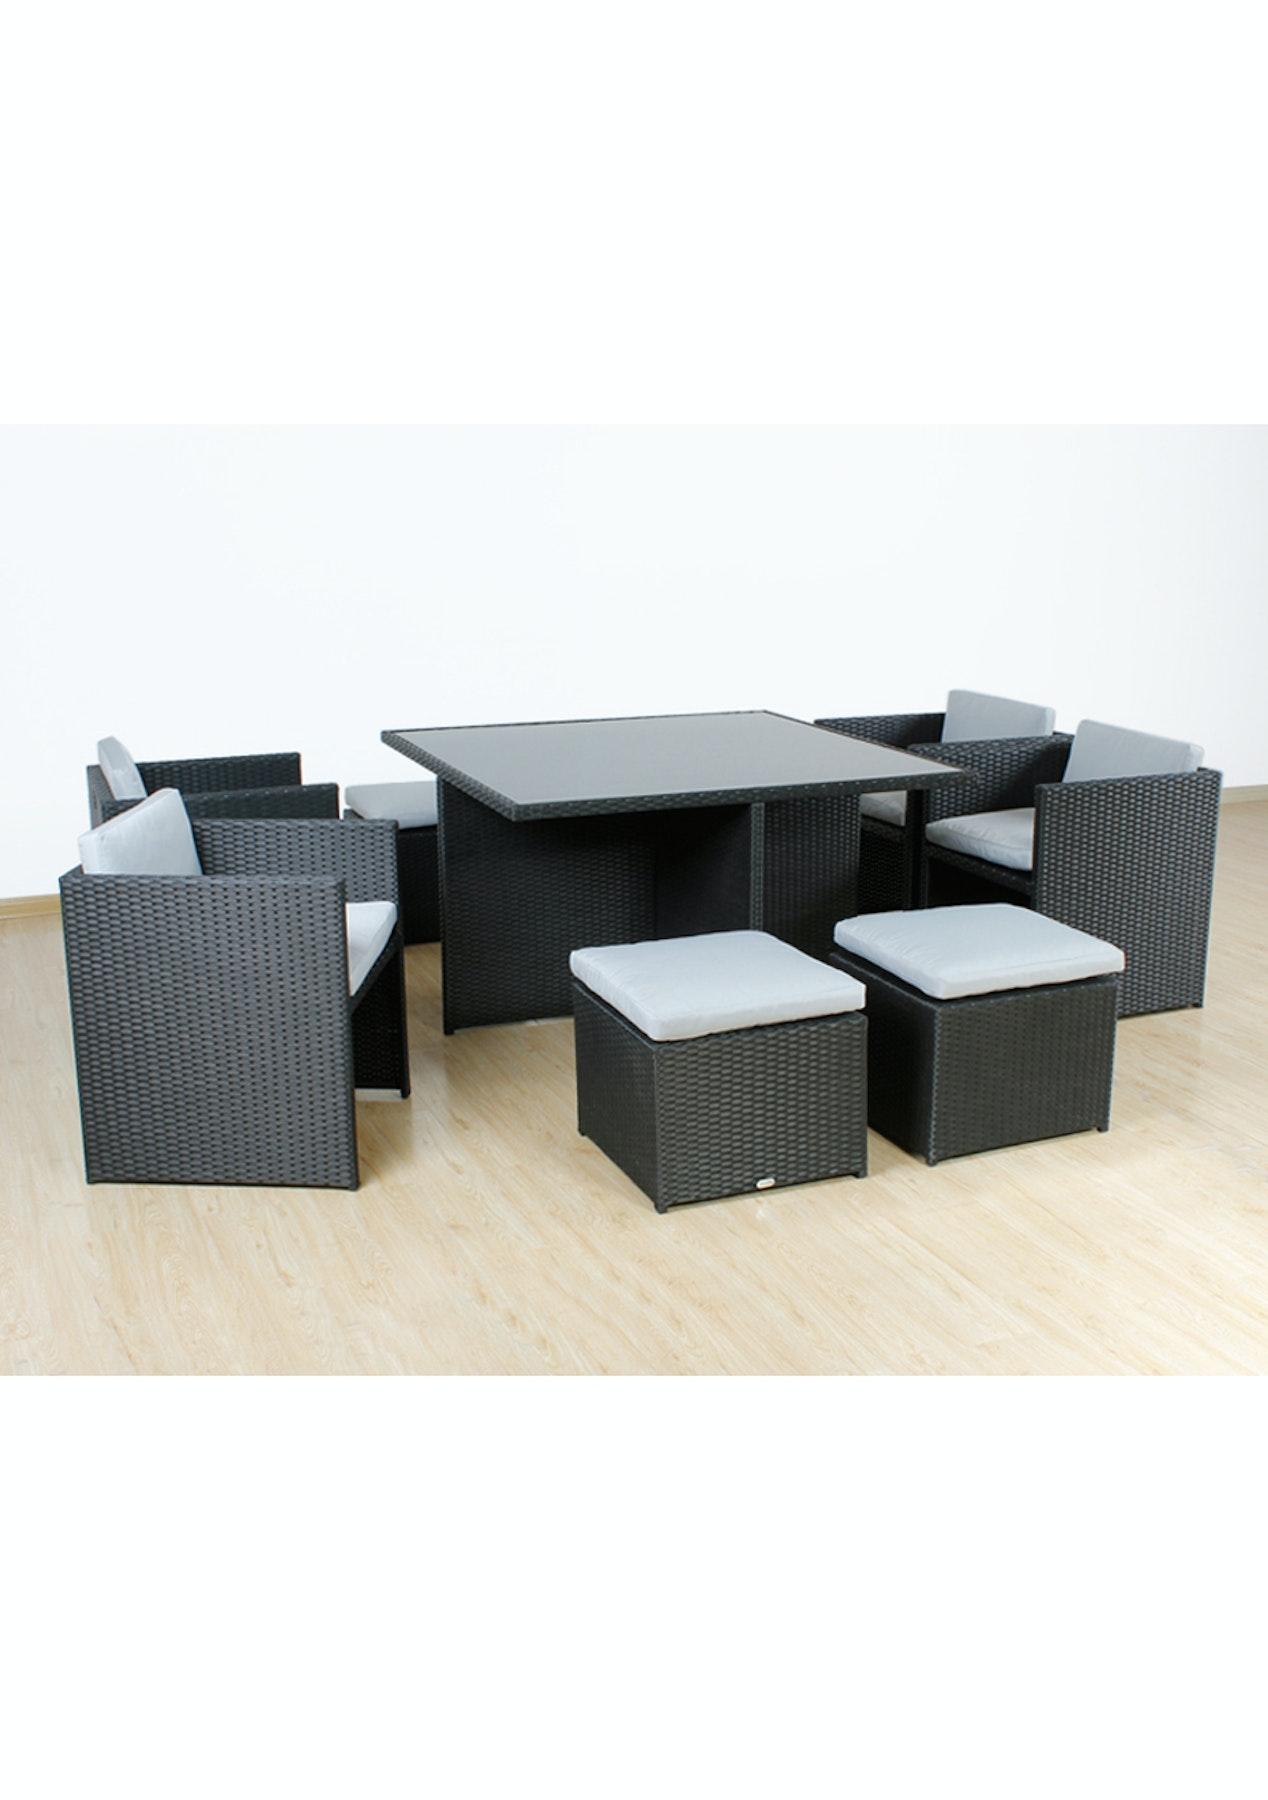 Betalife Outdoor Rattan Furniture Sofa Set 9pcs Outdoor Furniture